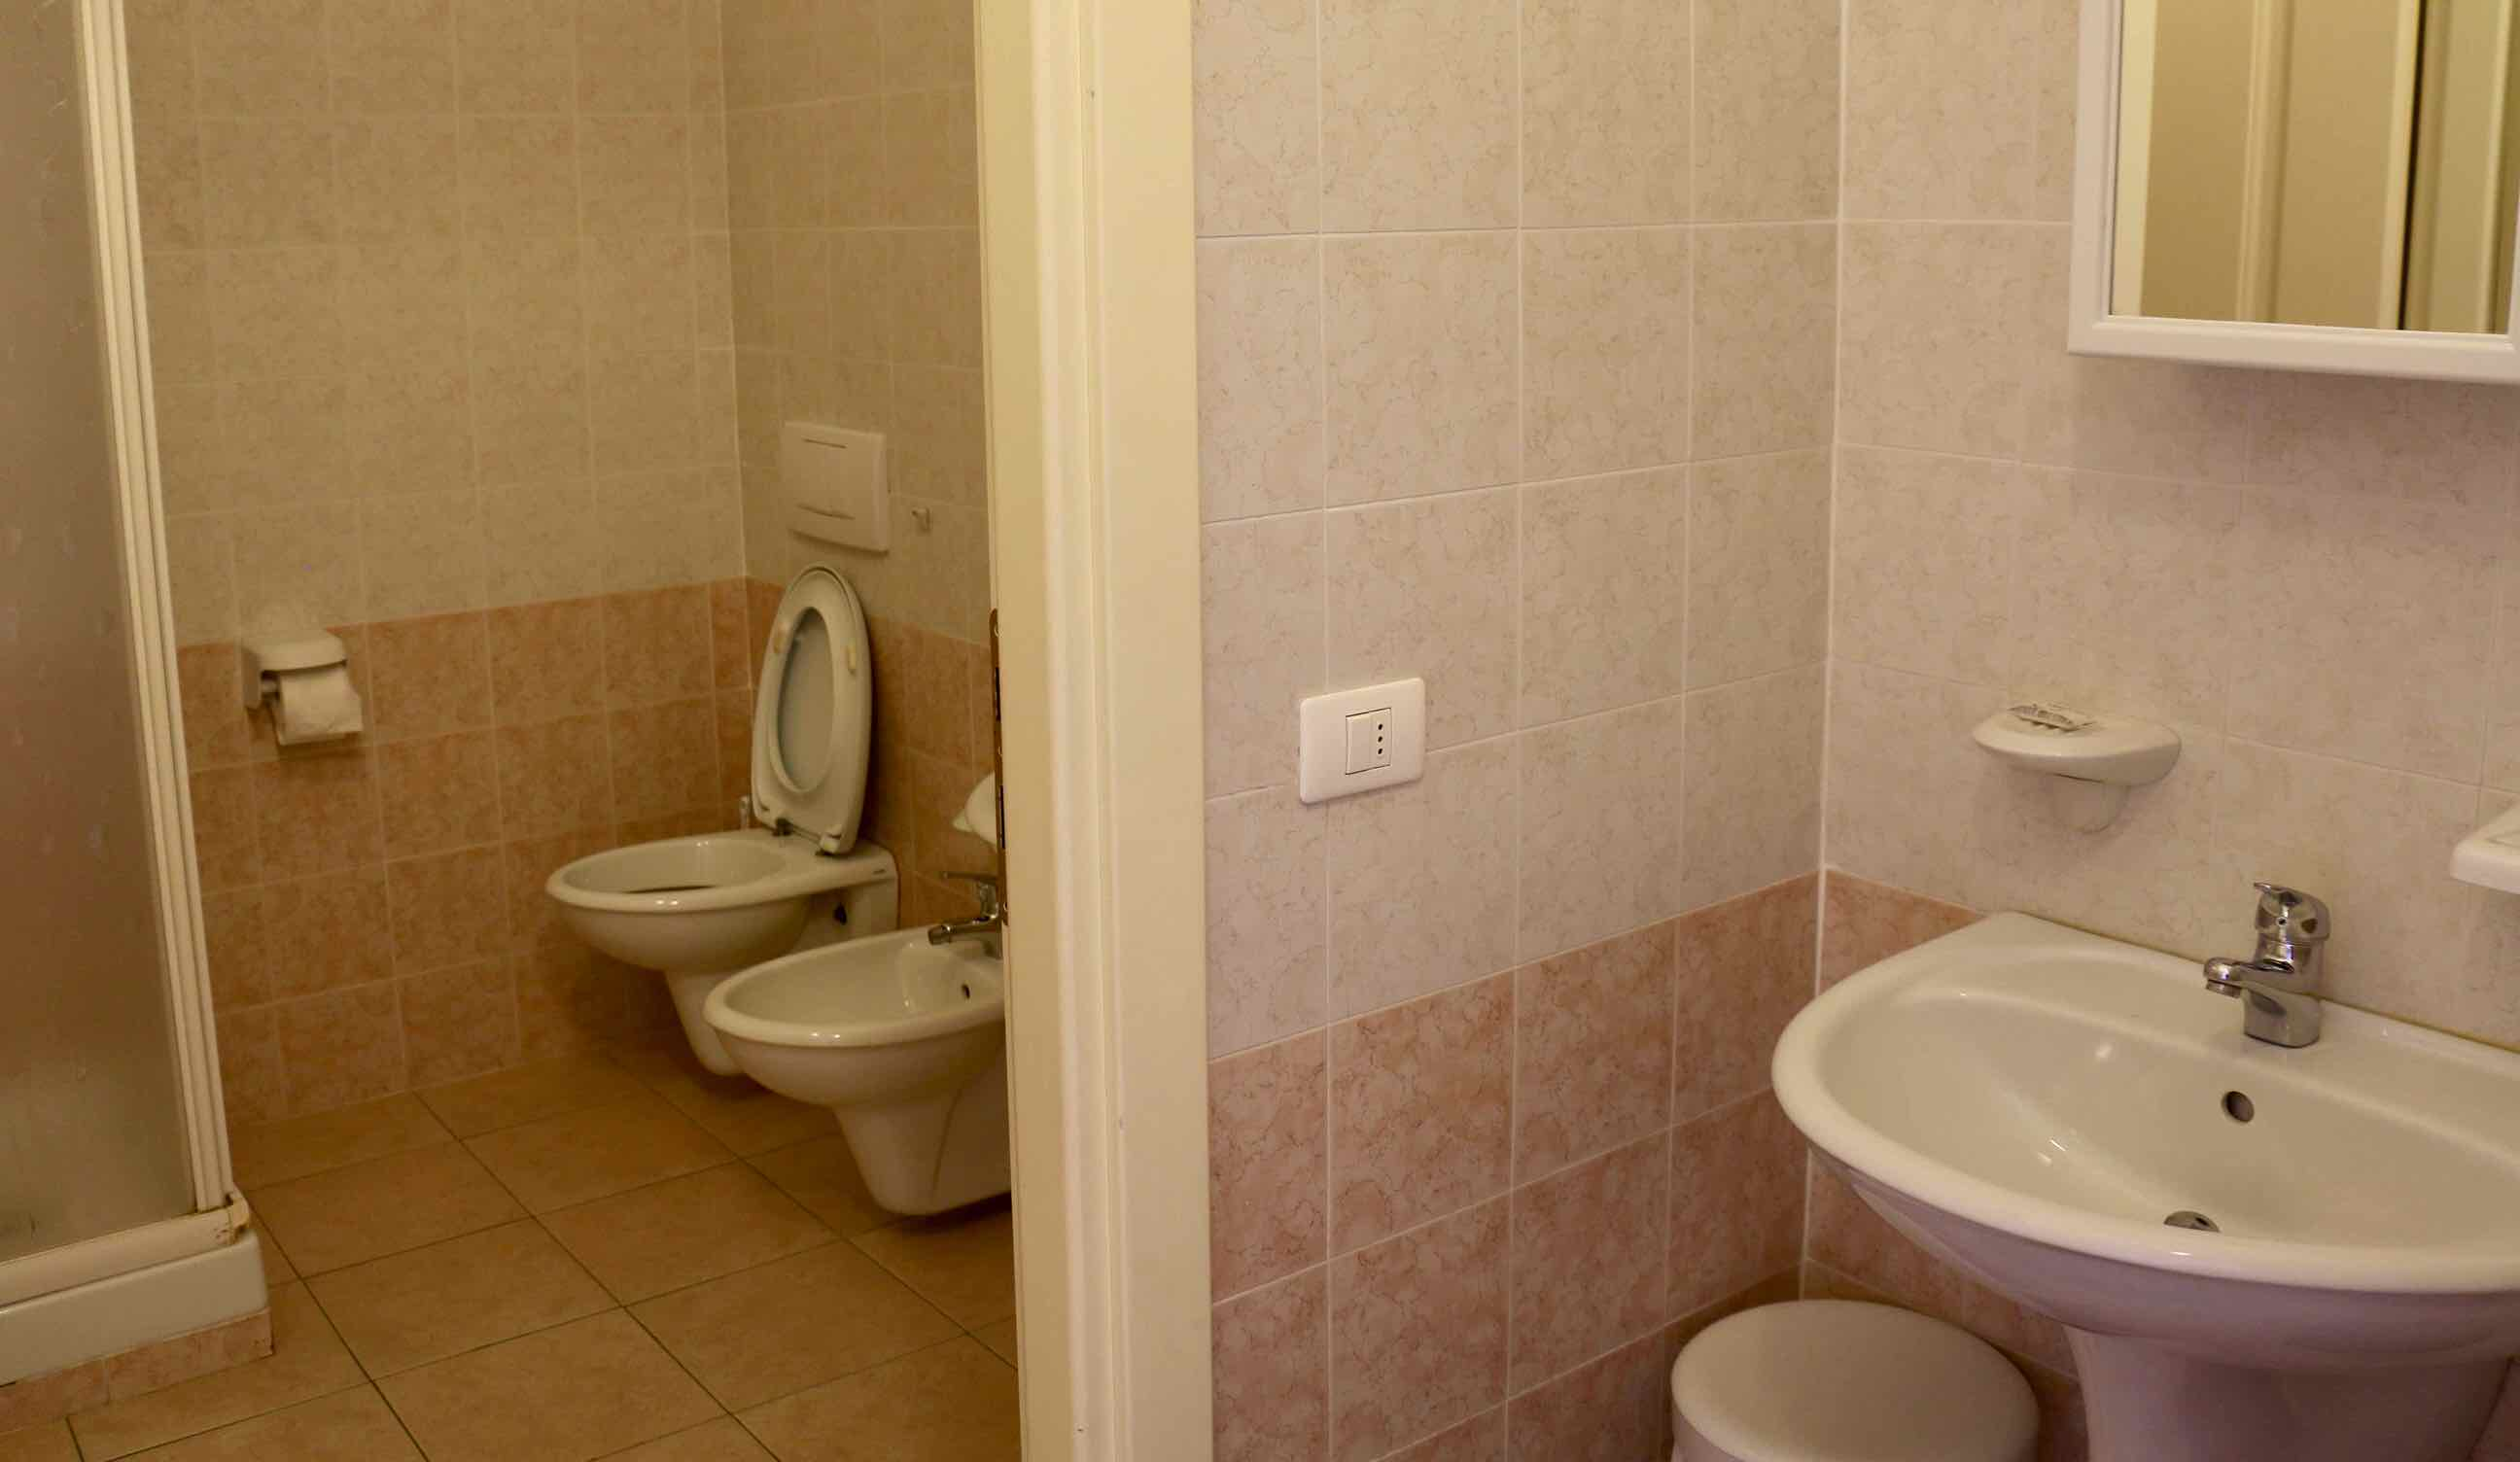 Casa per Ferie Villaggio Ospitale - Centro San Salvatore Villaggio del Ragazzo - 10